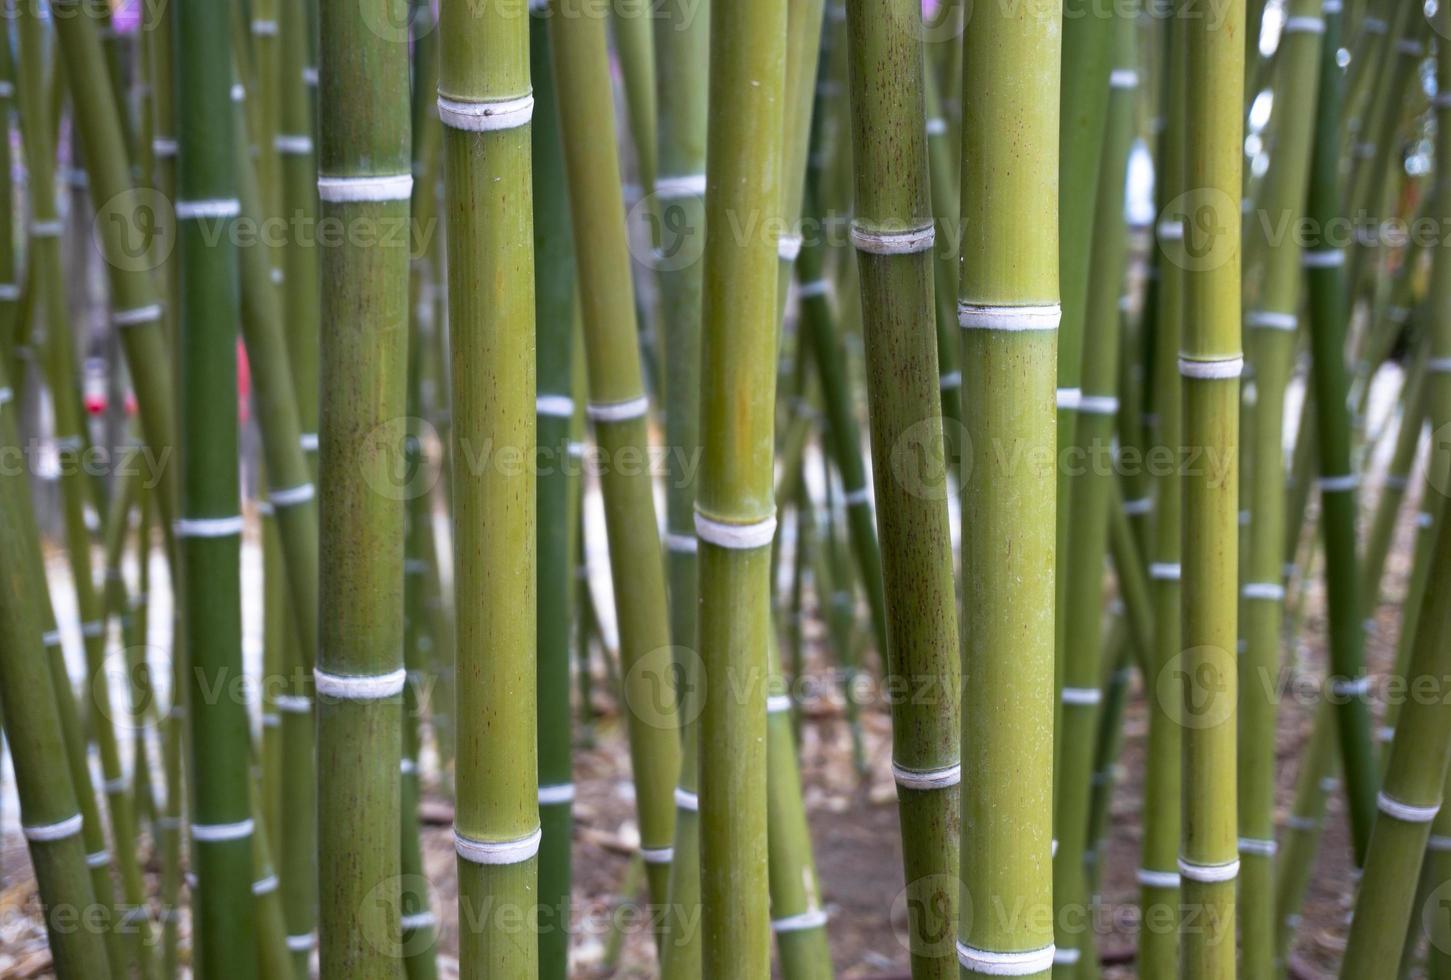 papier peint en bambou photo